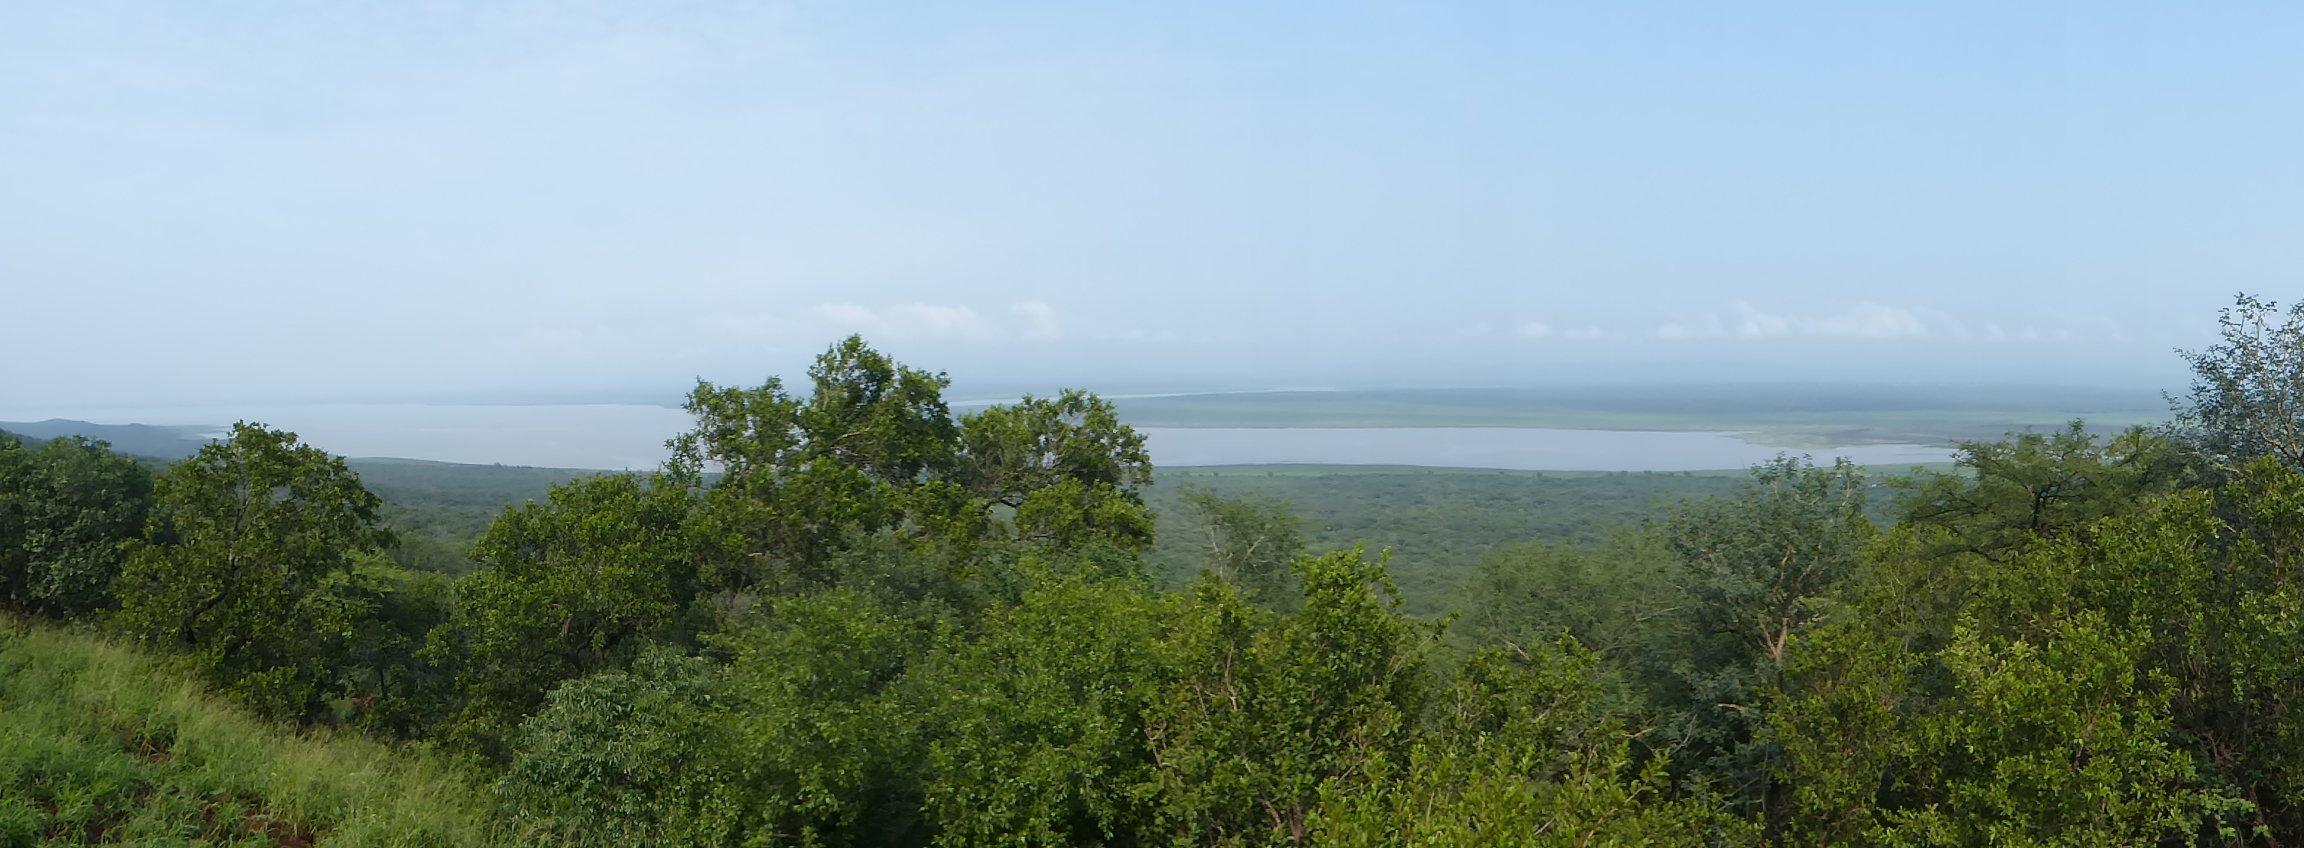 Jozini Dam